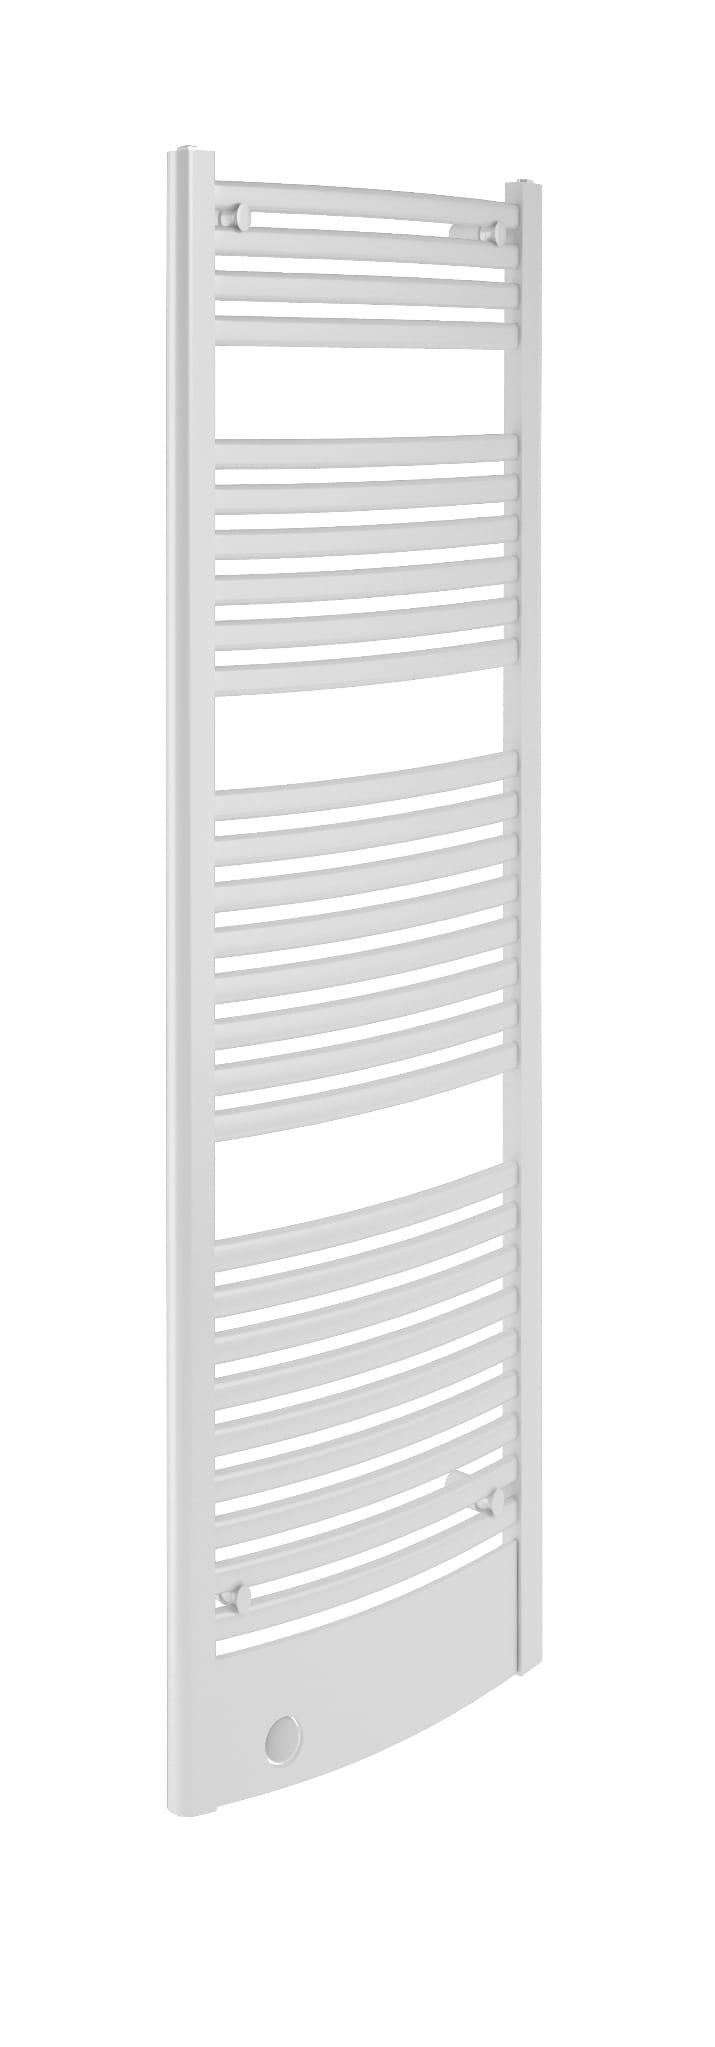 Sanotechnik - GRAZ - Kúpeľňový radiátor biely 835W 590x1624 mm